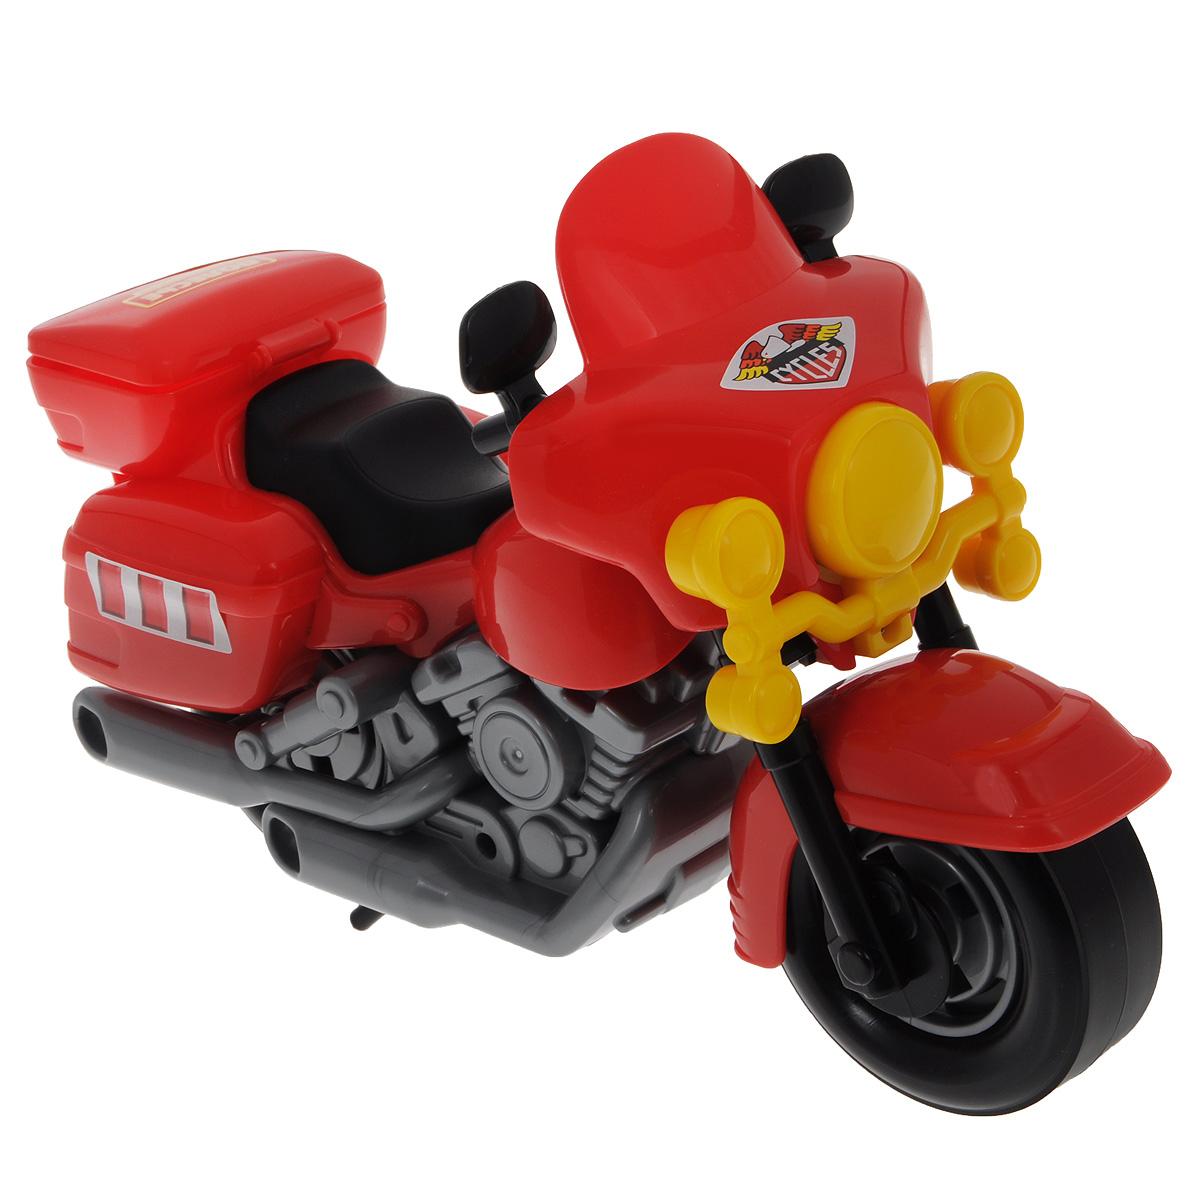 Полесье Полицейский мотоцикл Харлей цвет красный серый8947Яркая игрушка Полицейский мотоцикл Харлей привлечет внимание вашего малыша и не позволит ему скучать, ведь так интересно и захватывающе покатать свой спортивный мотоцикл или устроить гонку за преступником. Колеса мотоцикла крутятся, а руль может поворачиваться. Крышка багажника откидывается. Порадуйте своего непоседу такой замечательной игрушкой!